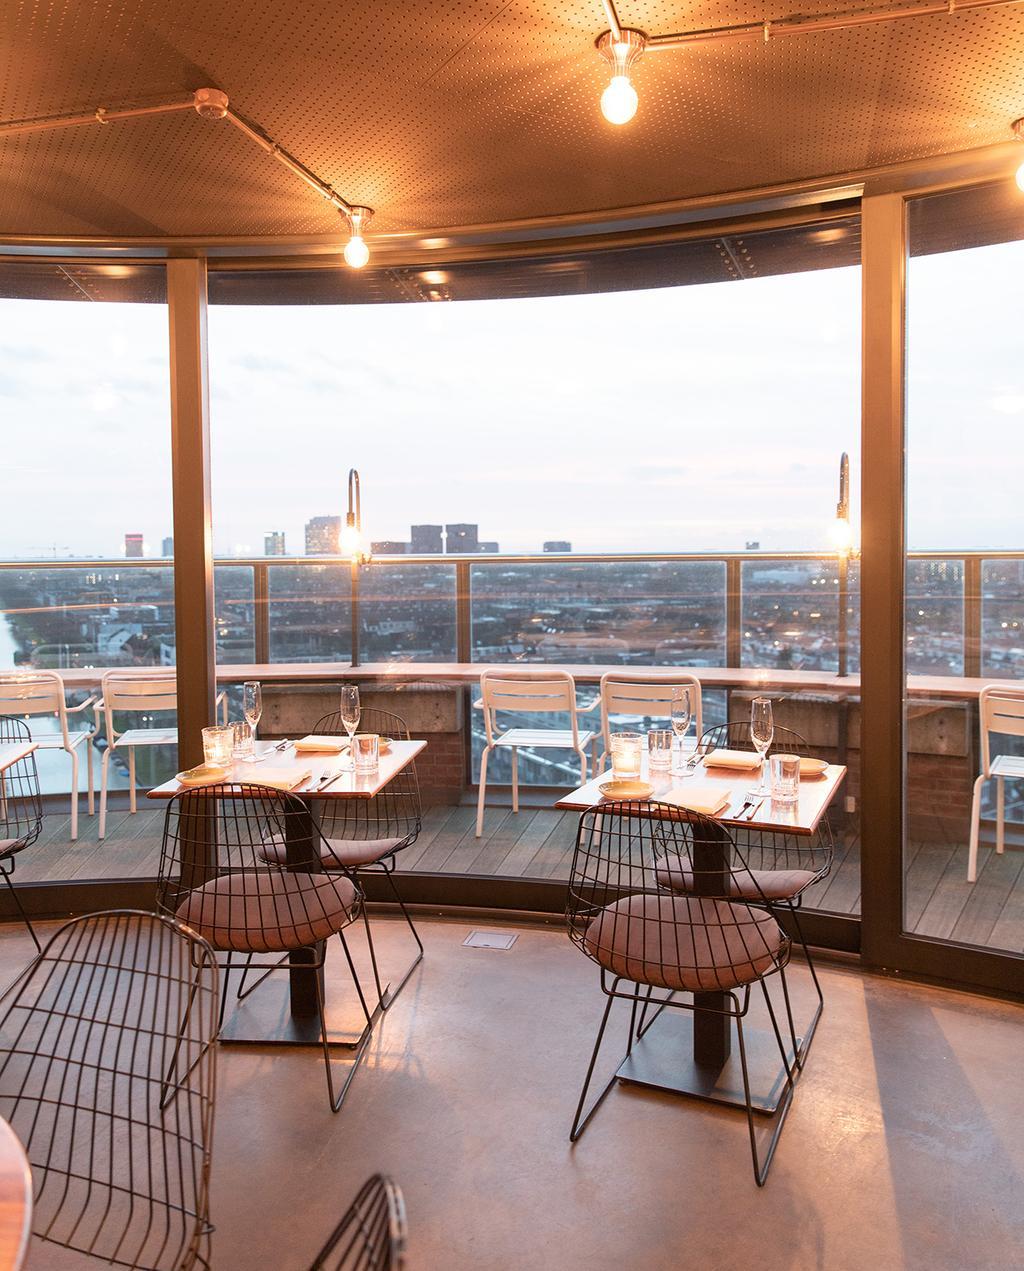 vtwonen 04-2020 | WT Urban restaurant Utrecht